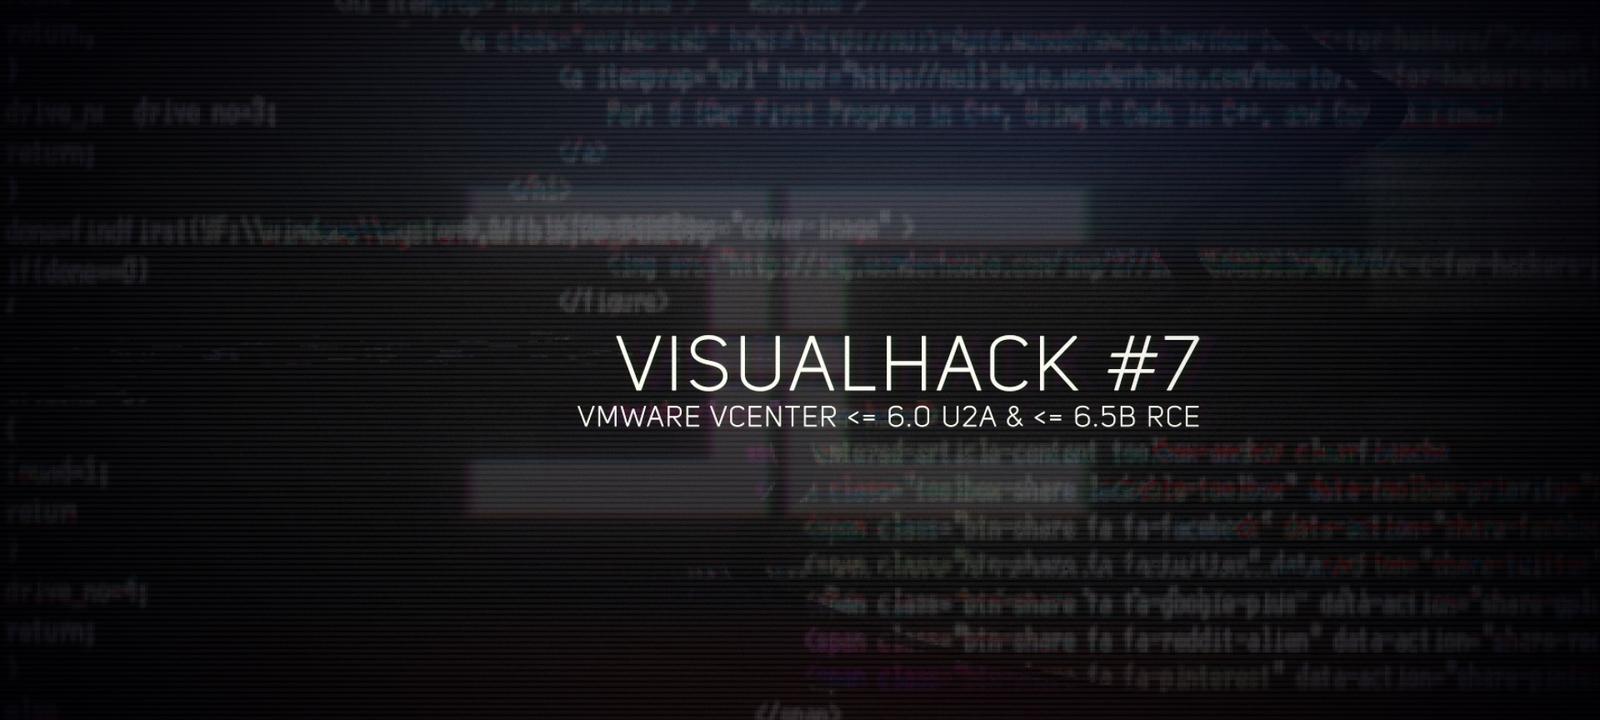 EXPLOIT: выполнение произвольного кода в VMware vCenter